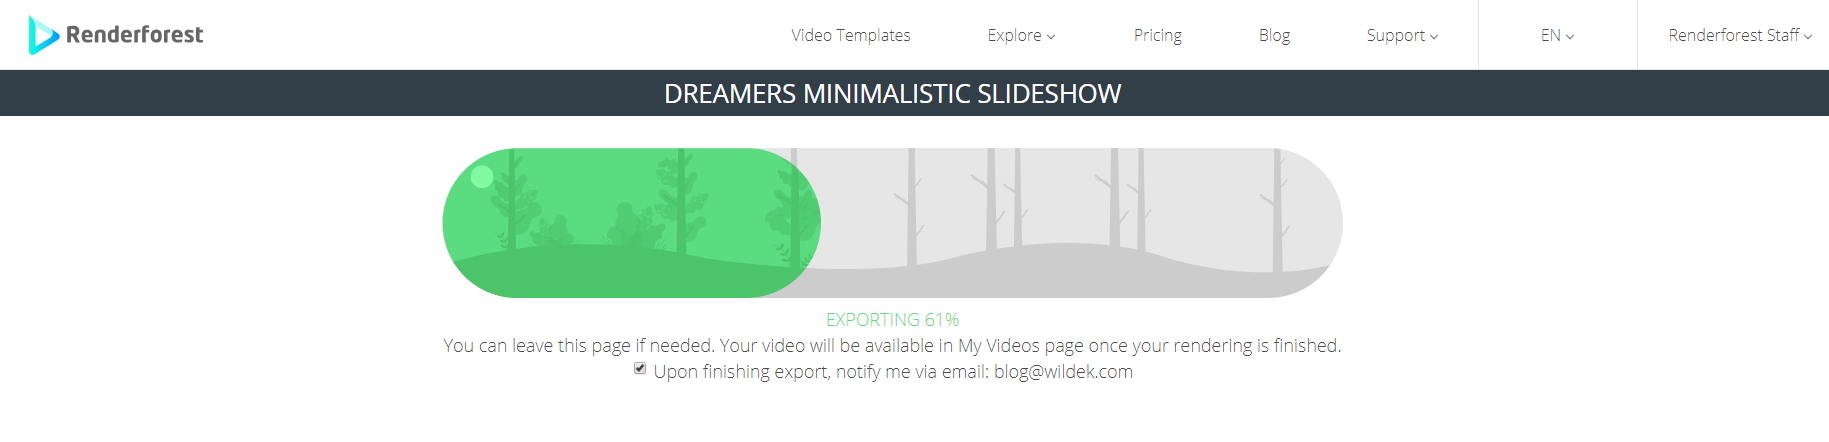 Video Export Renderforest